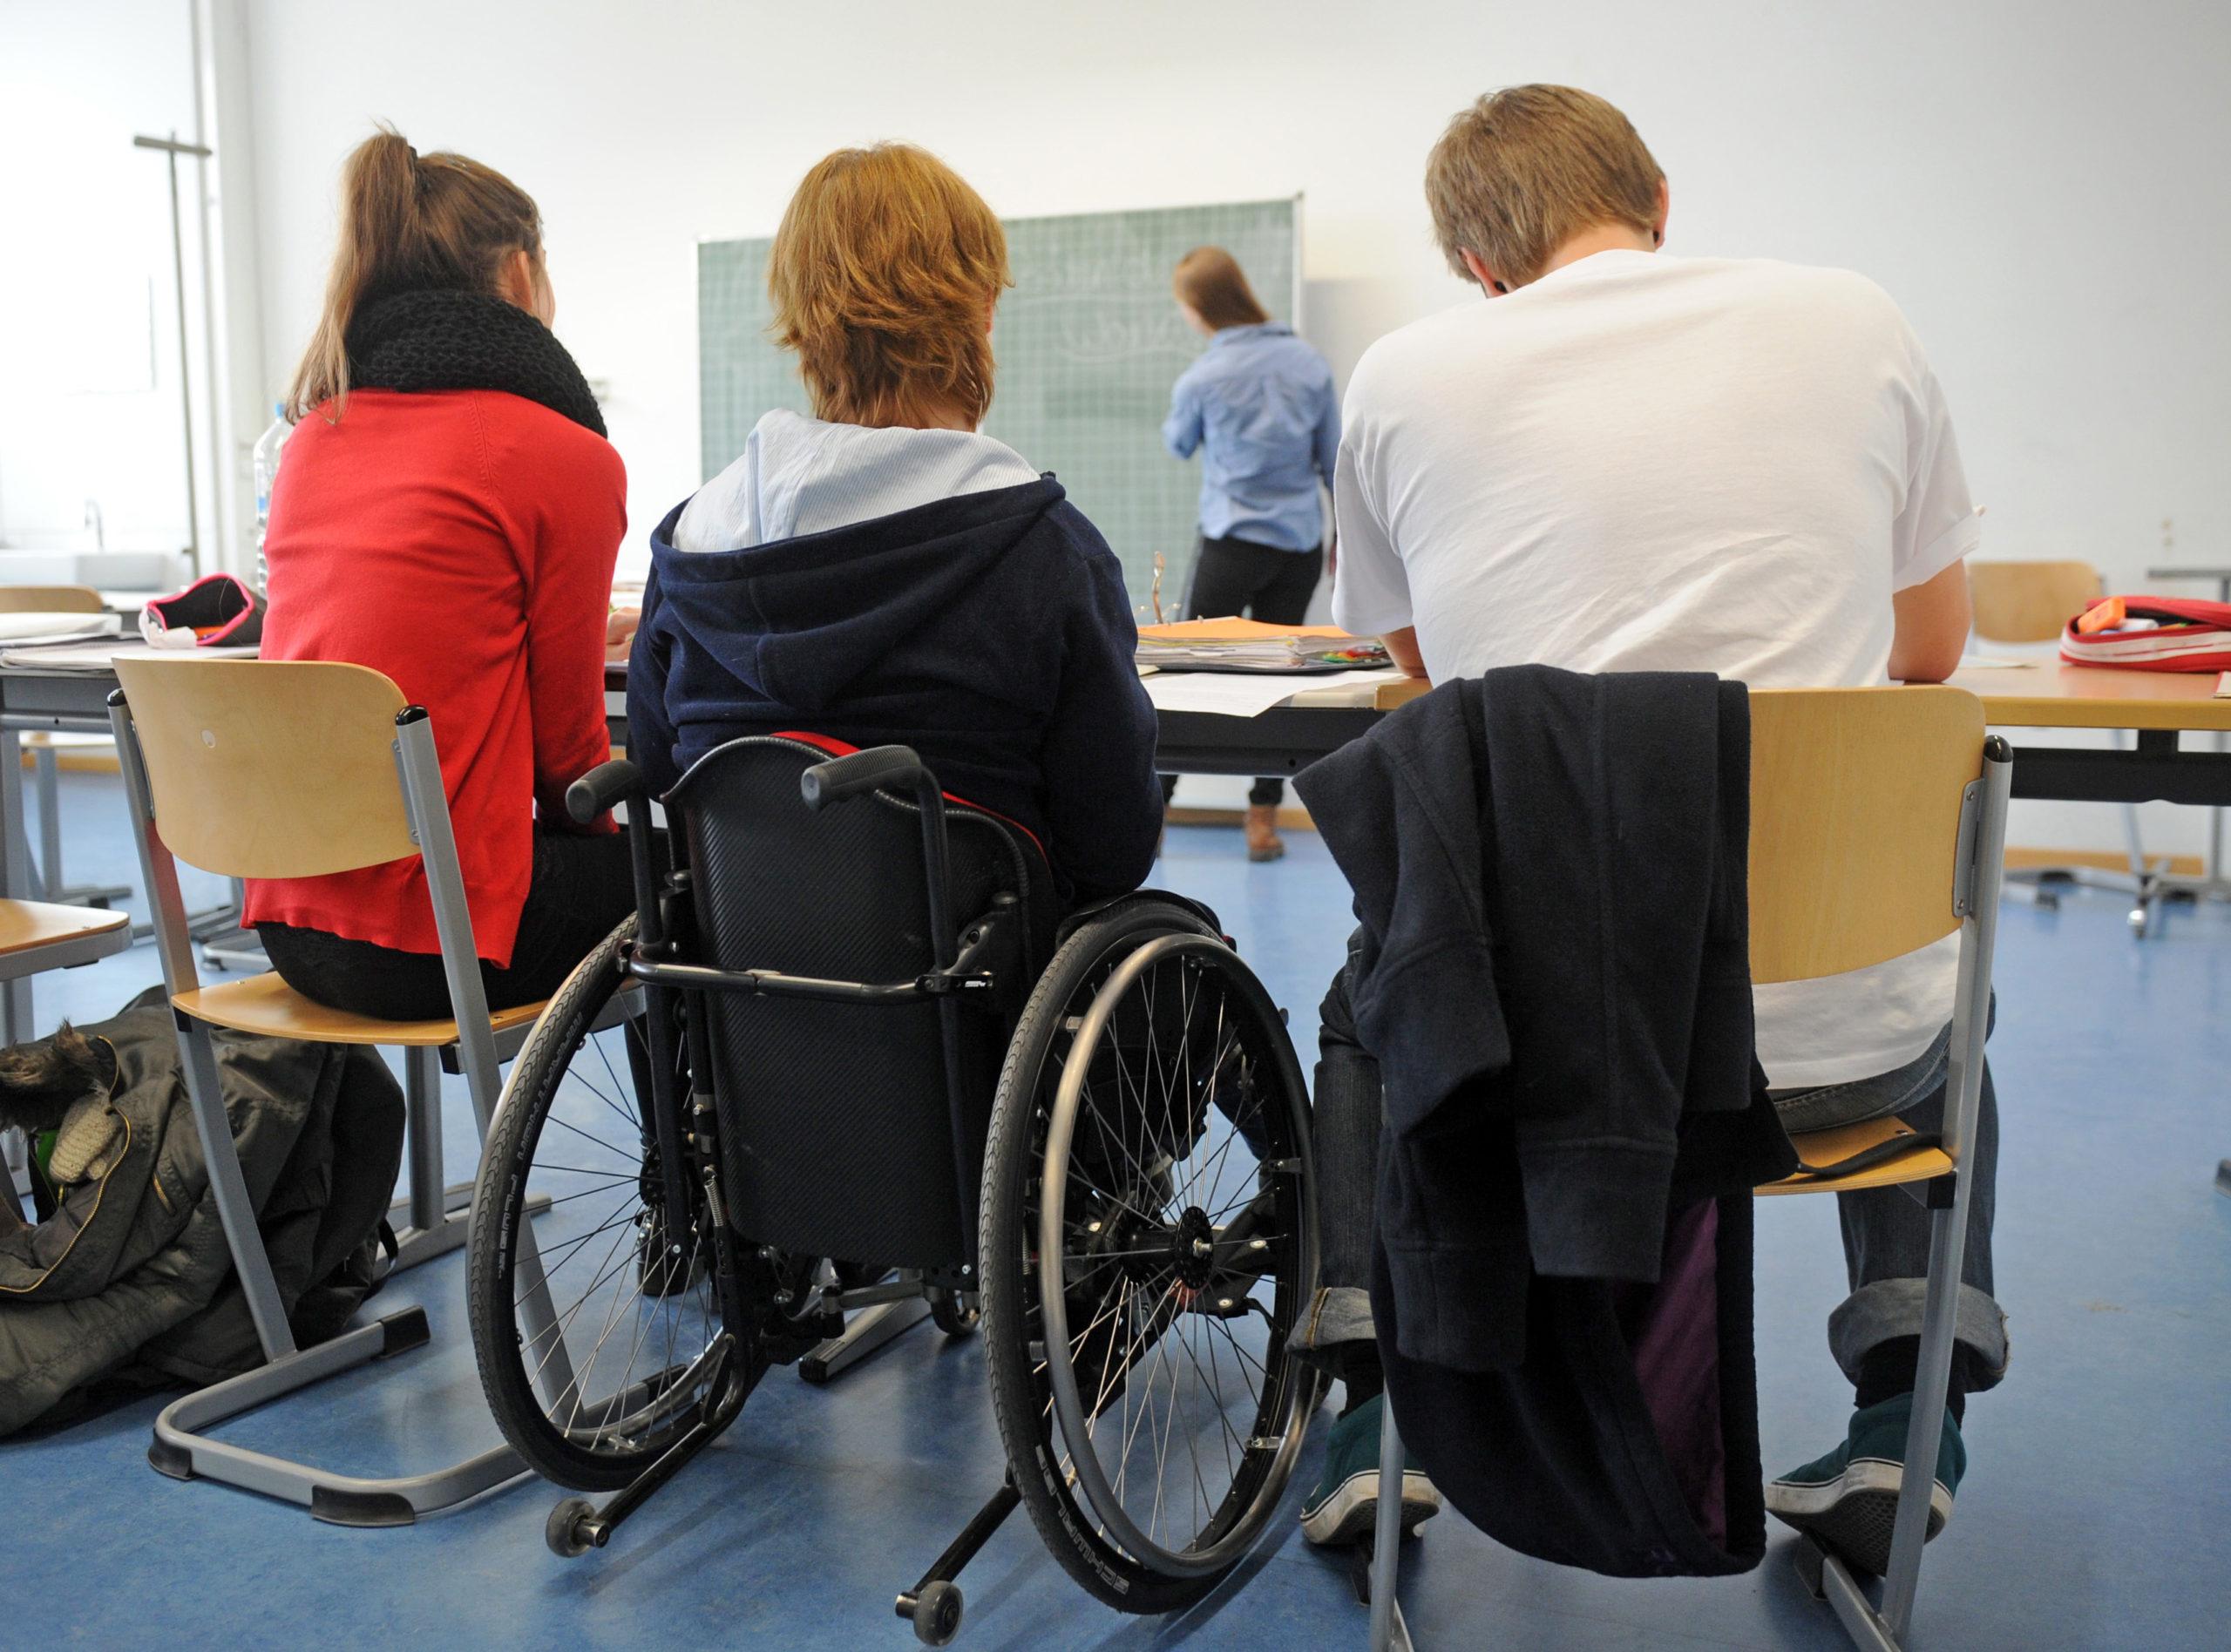 Инвалидам хотят дать возможность получения бесплатного второго образования